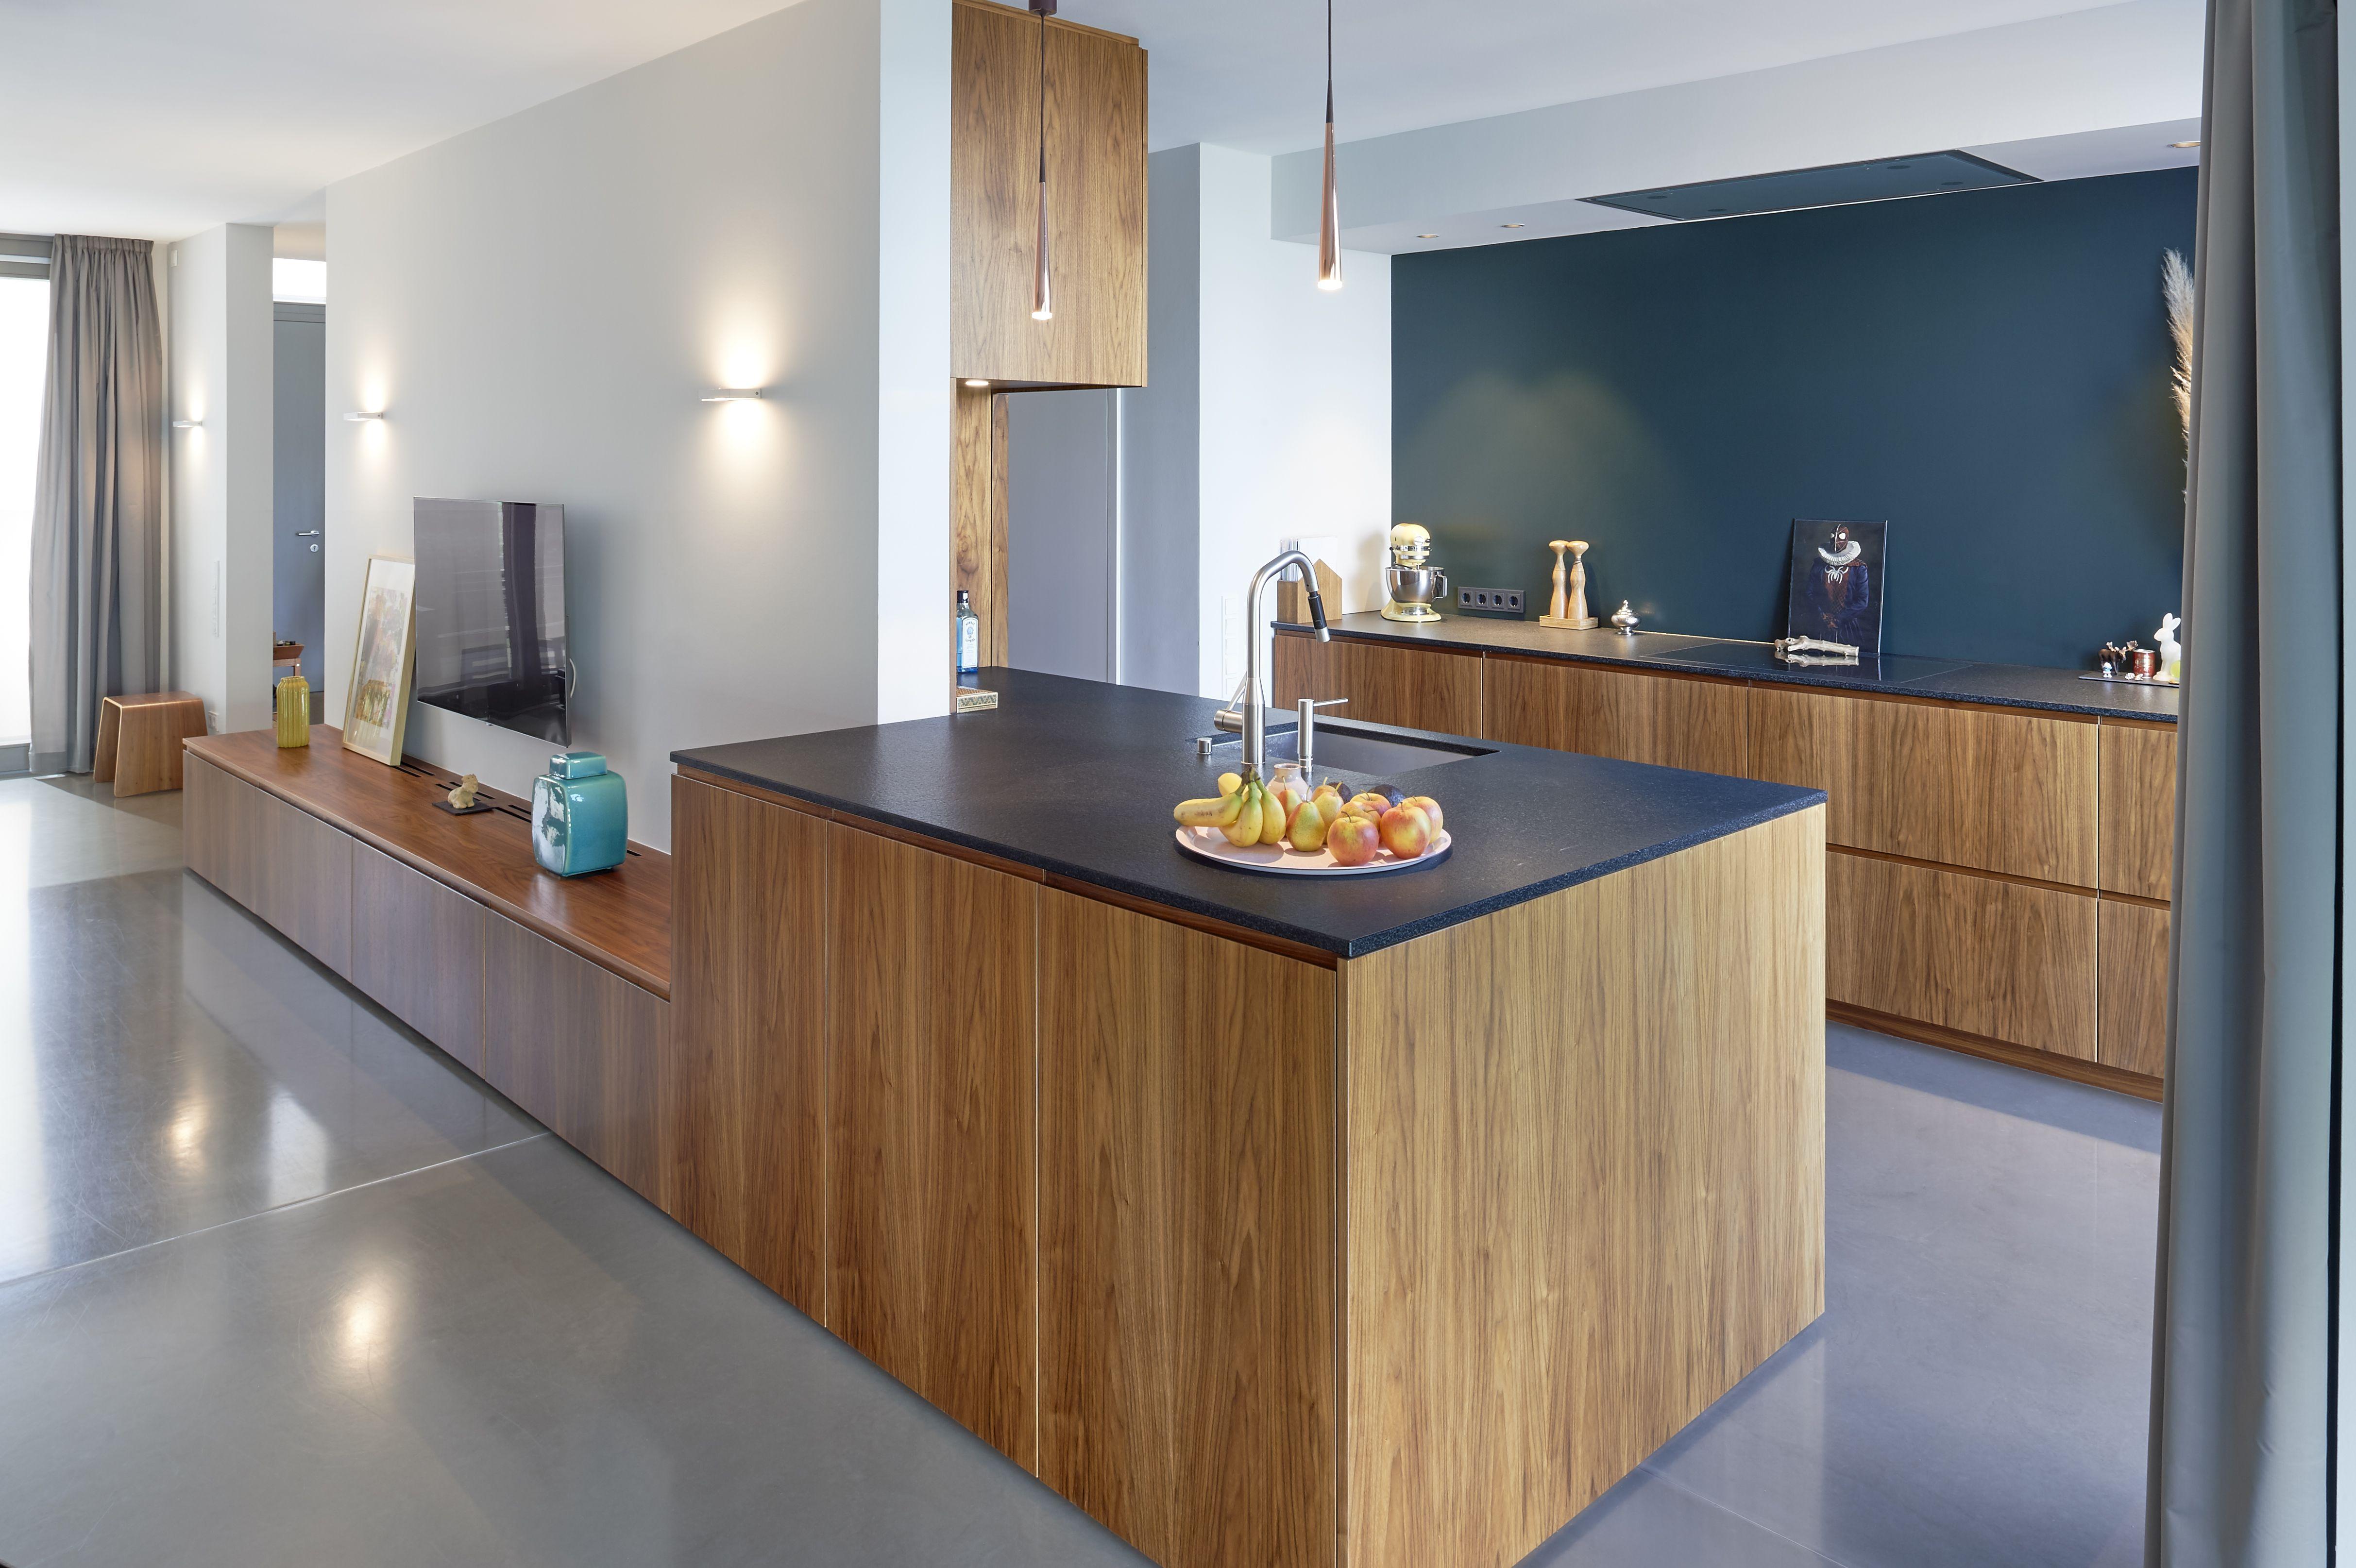 Perfekte Symbiose Von Kuche Und Wohnzimmer Wenn Kuche Und Wohnraum Nicht Voneinander Abgetrennt Sind Gi Kuche Und Wohnzimmer Moderne Kuche Wohnzimmer Modern